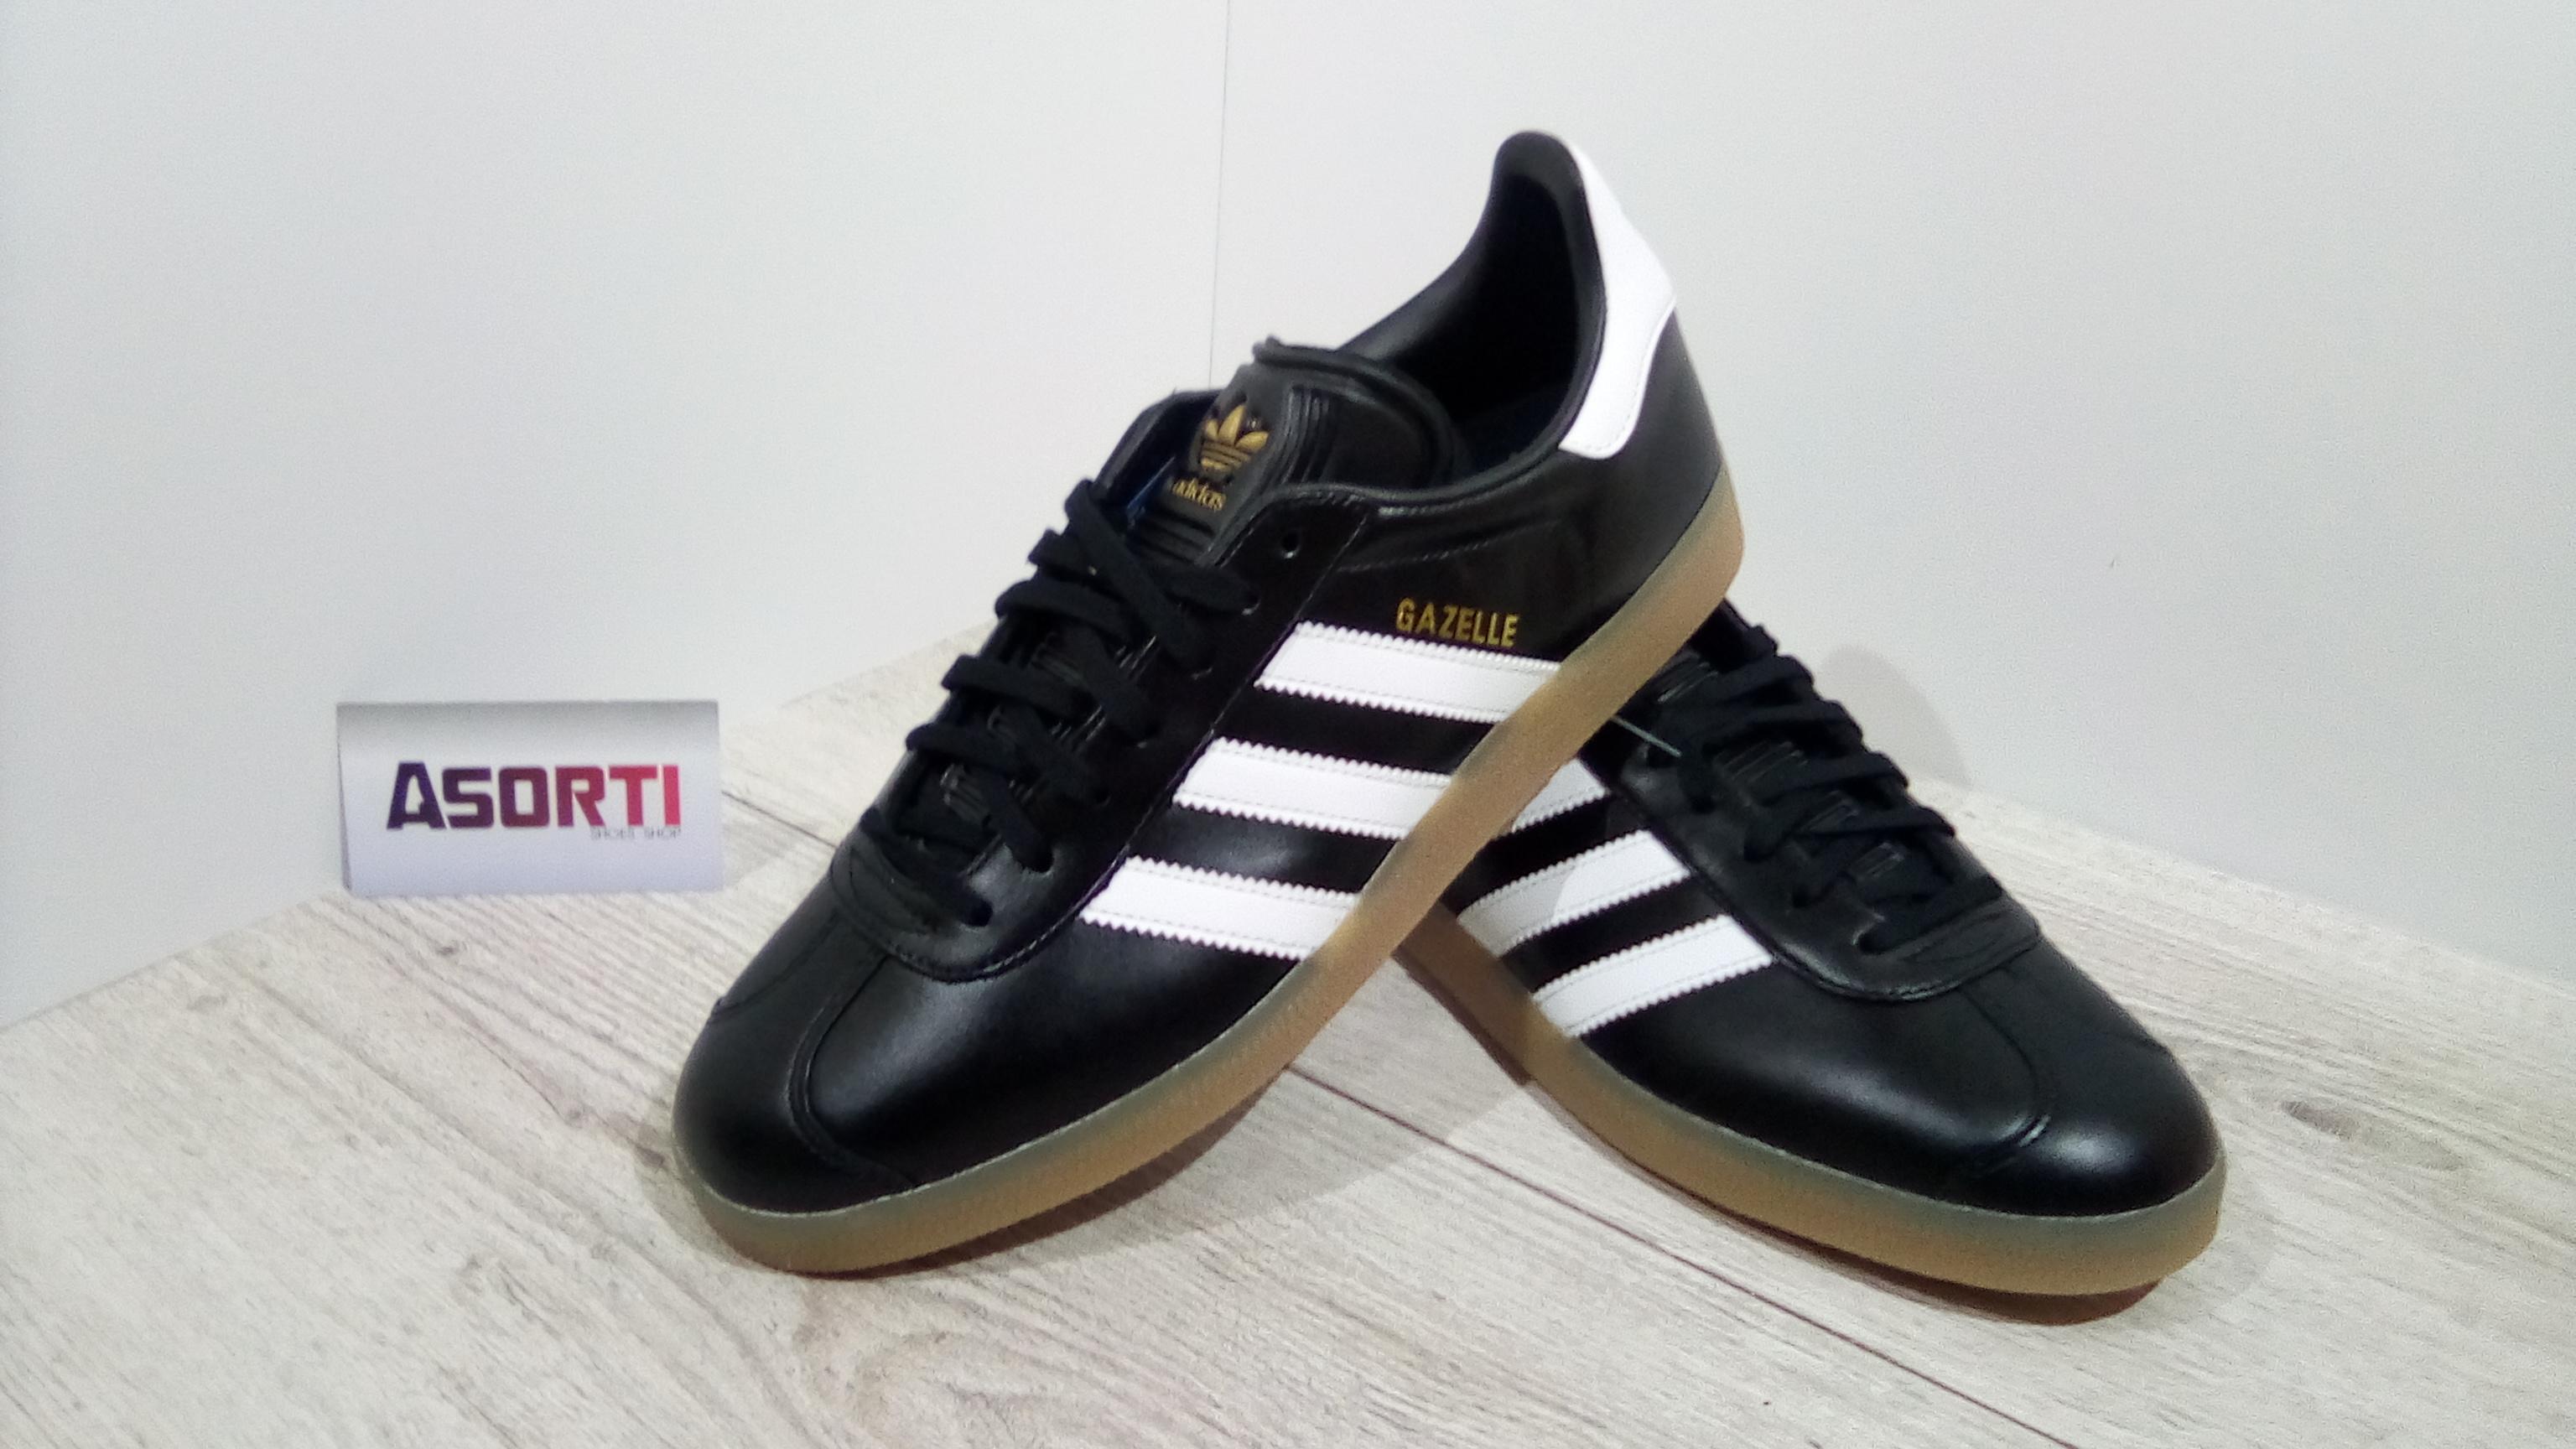 0733fb1e2bc8 Мужские кроссовки Adidas Originals Gazelle (BZ0026) черные